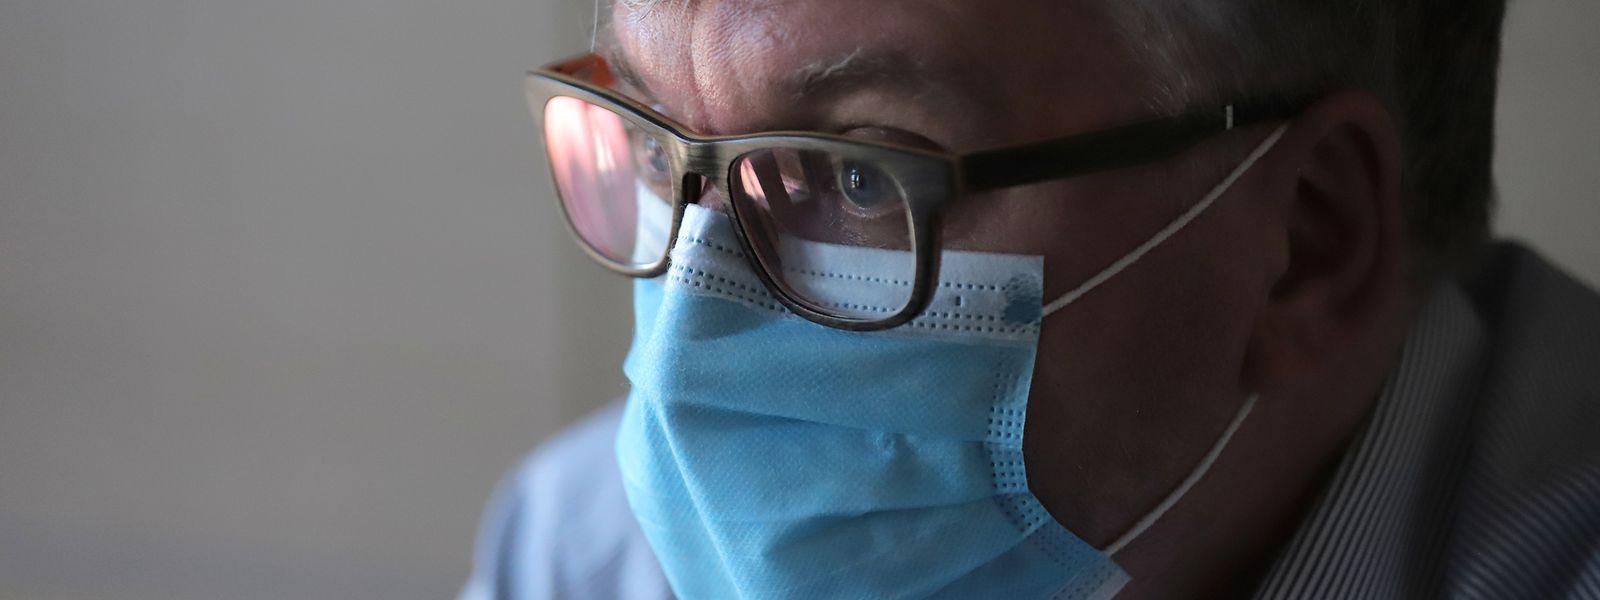 Pour Joël Mossong, épidémiologiste au sein de la direction de la Santé, le succès de la vaccination passera aussi par l'injection des doses aux 12-15 ans, afin «d'être tranquille».